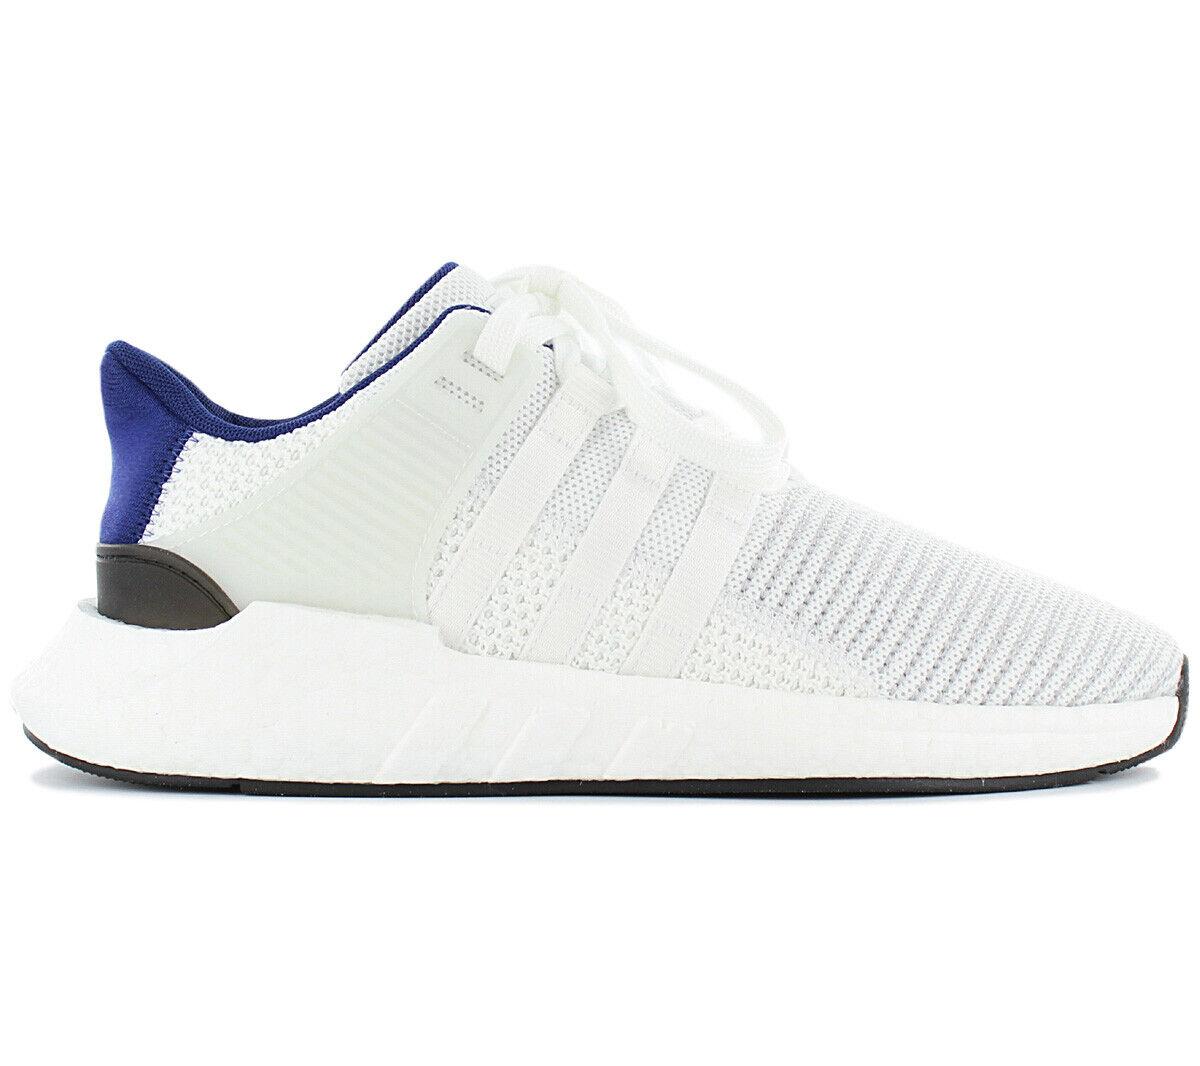 Adidas Originals Originals Originals Equipment Eqt Support 93 17 Bz0592 scarpe da ginnastica Scarpe da Ginnastica | flagship store  7a4866